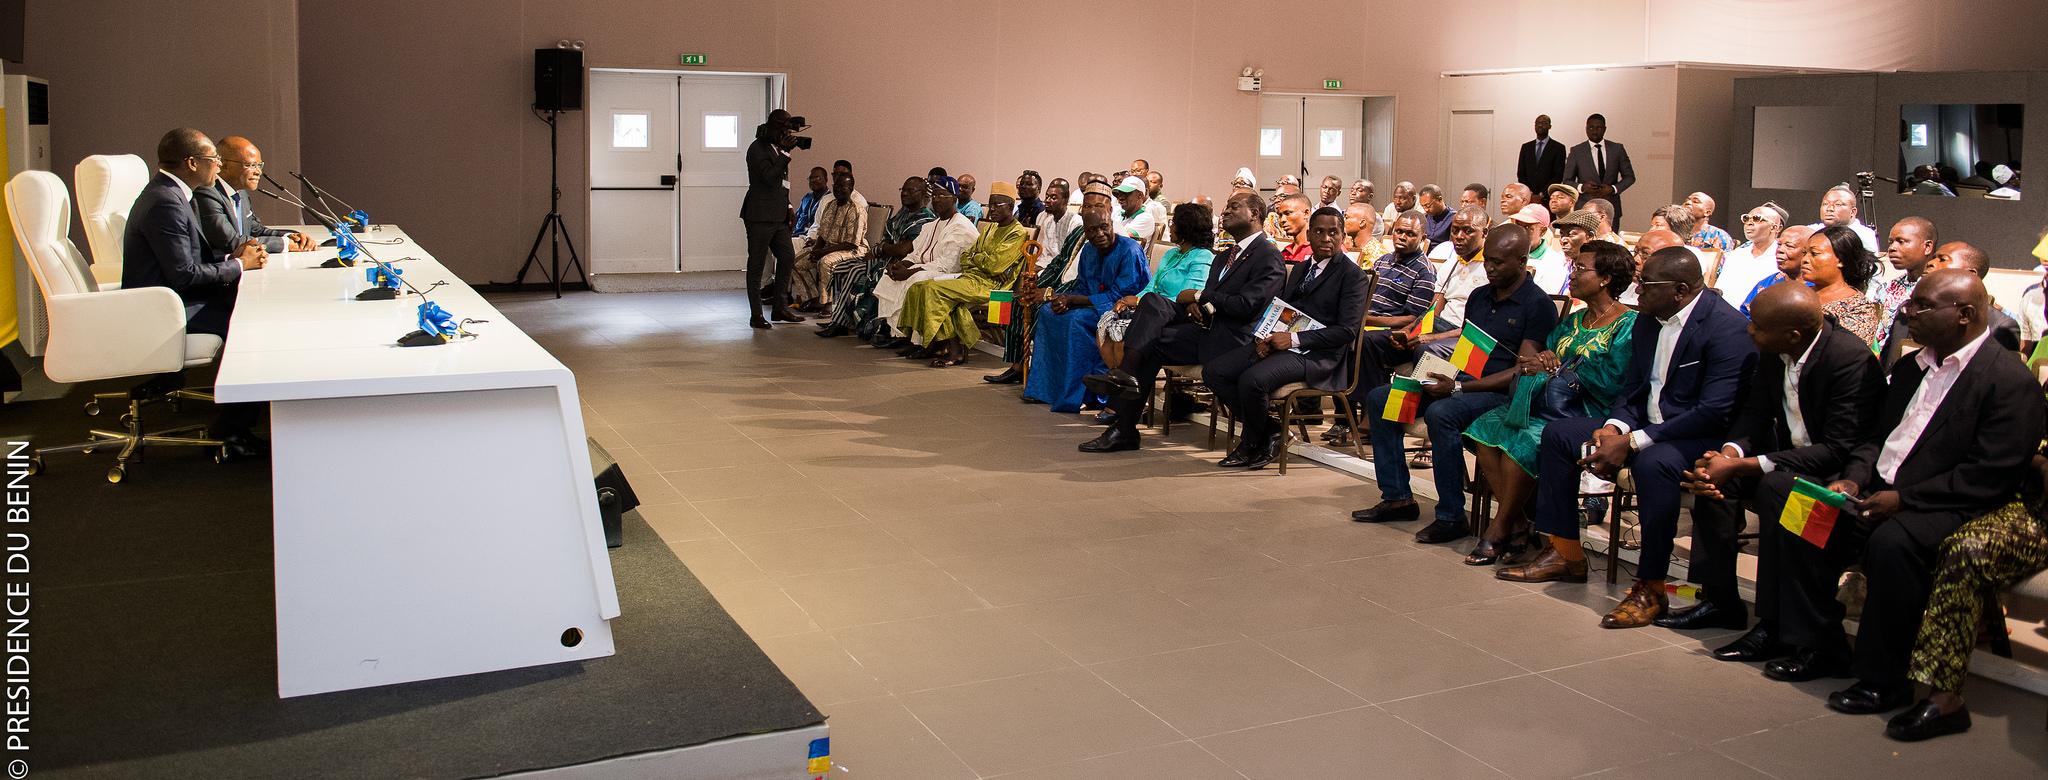 Ce qu'il faut retenir de la conférence des chefs d'Etat de la CEDEAO auquel a participé Patrice Talon [Communiqué]